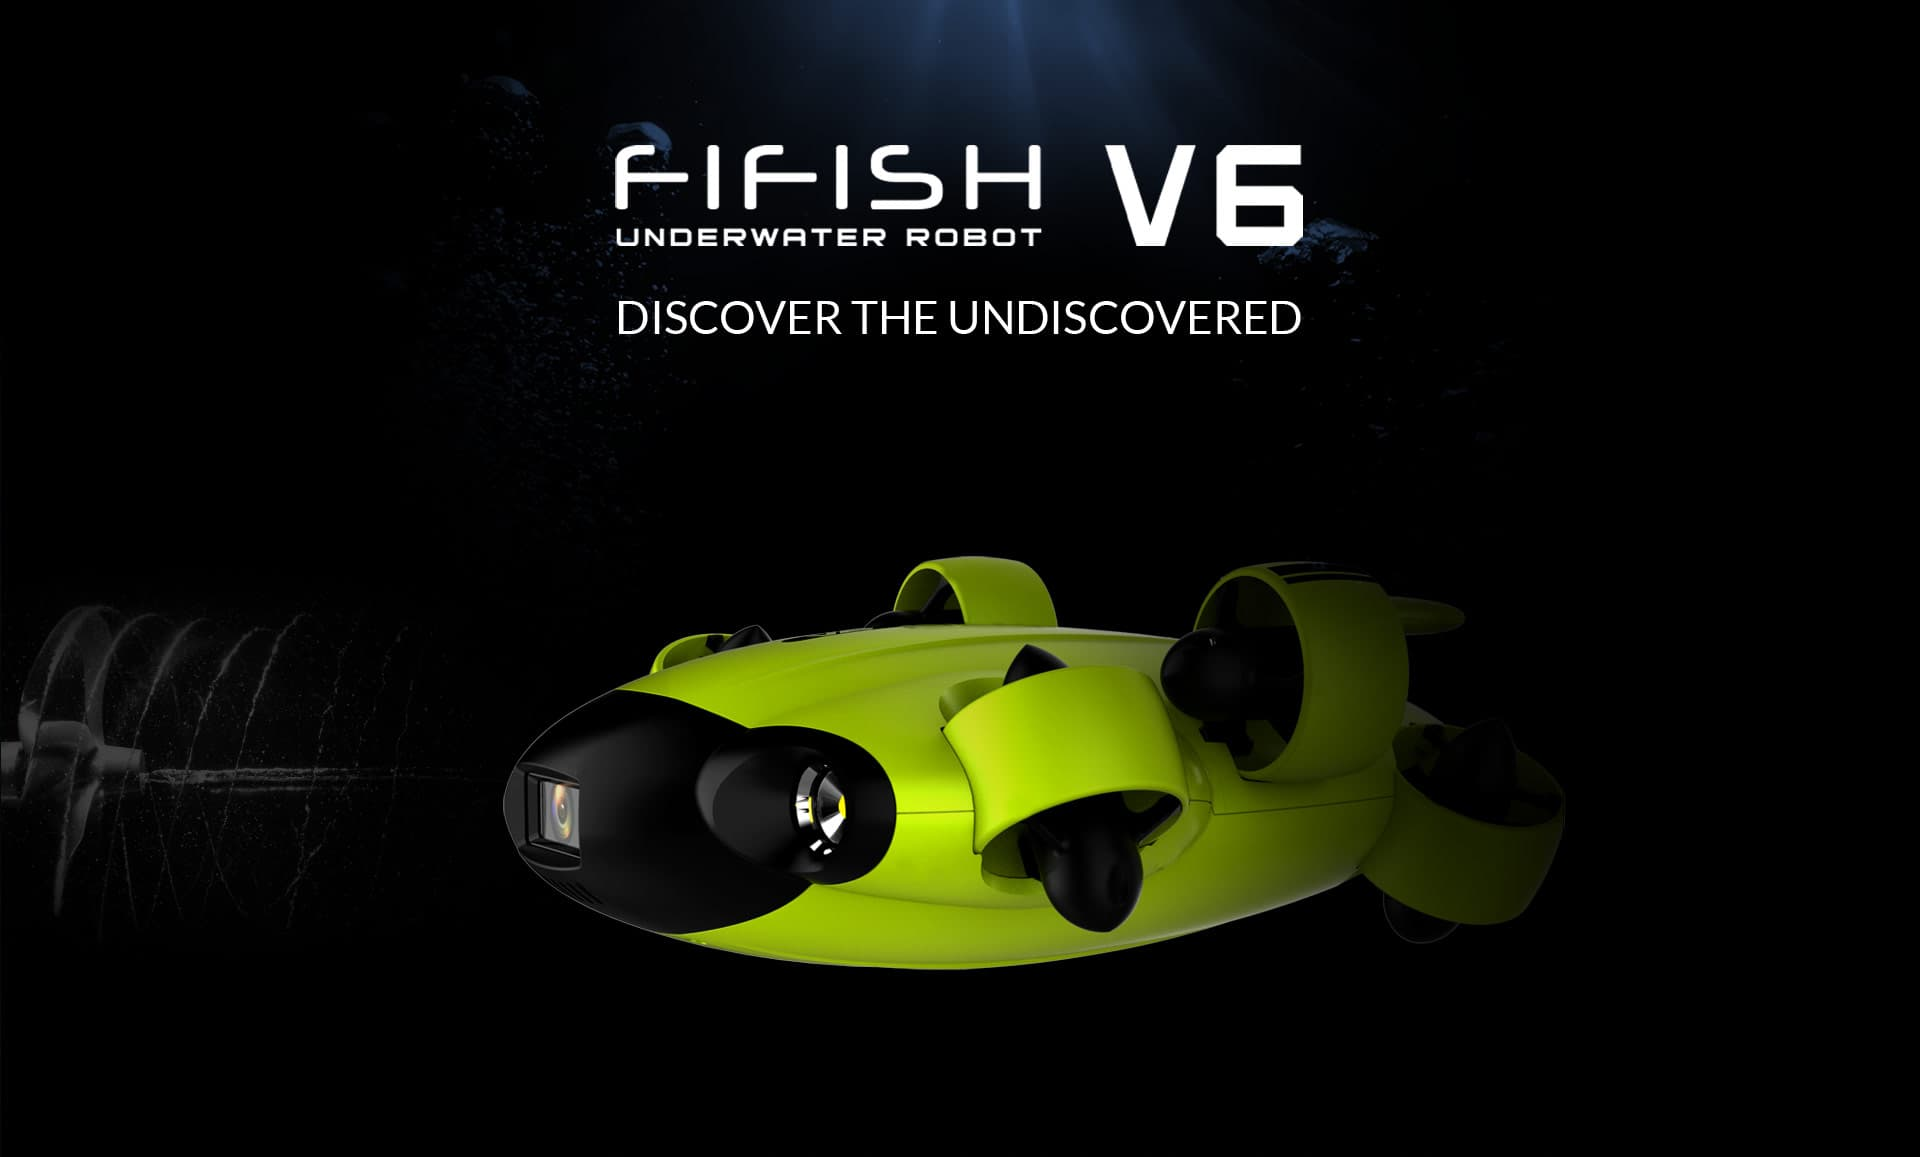 FIFISH V6